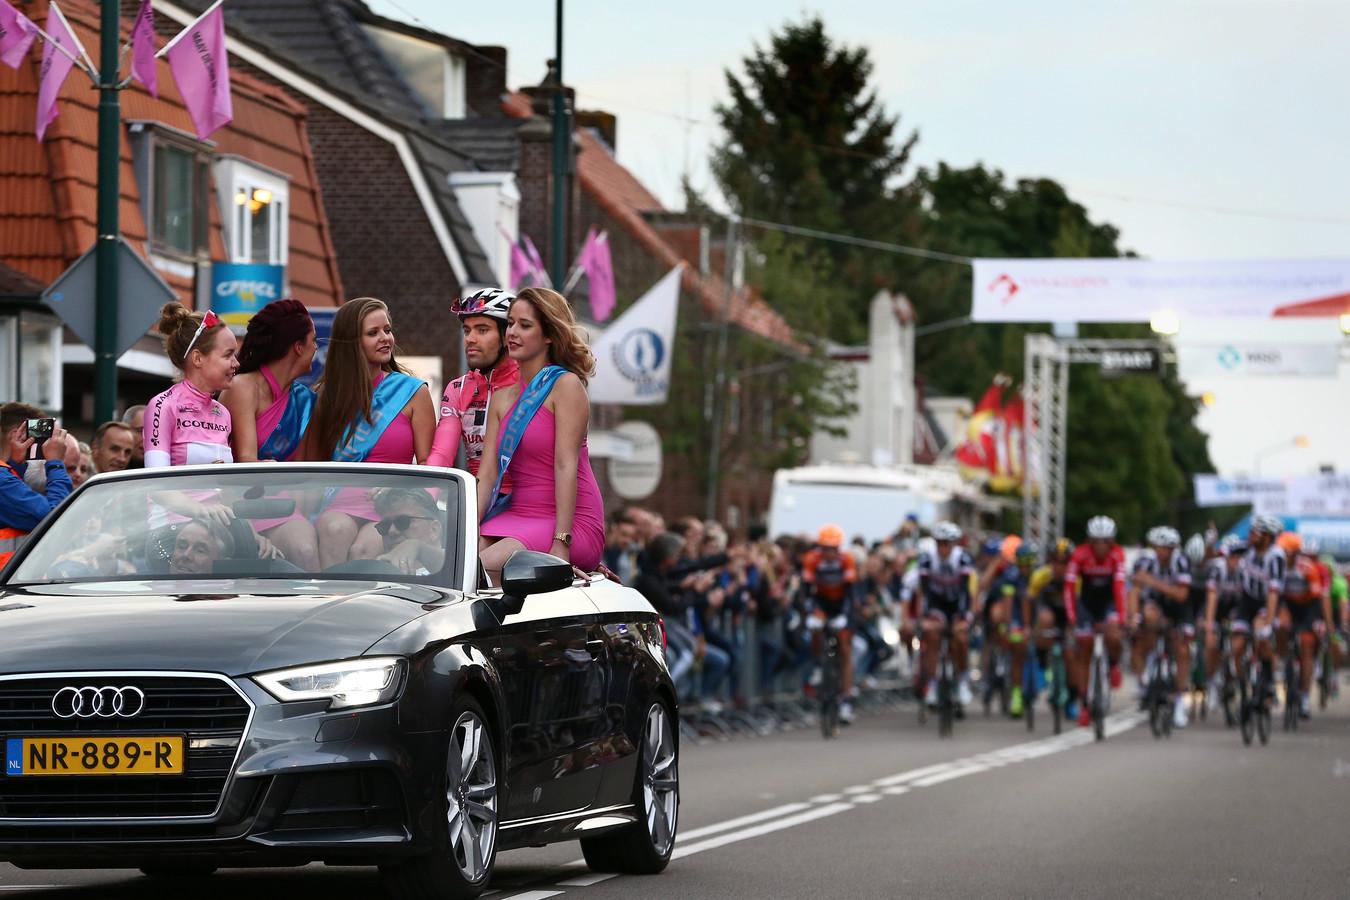 Tom Dumoulin en Anna van de Breggen worden in een auto rondgereden voor de start van het profcriterium in Boxmeer.